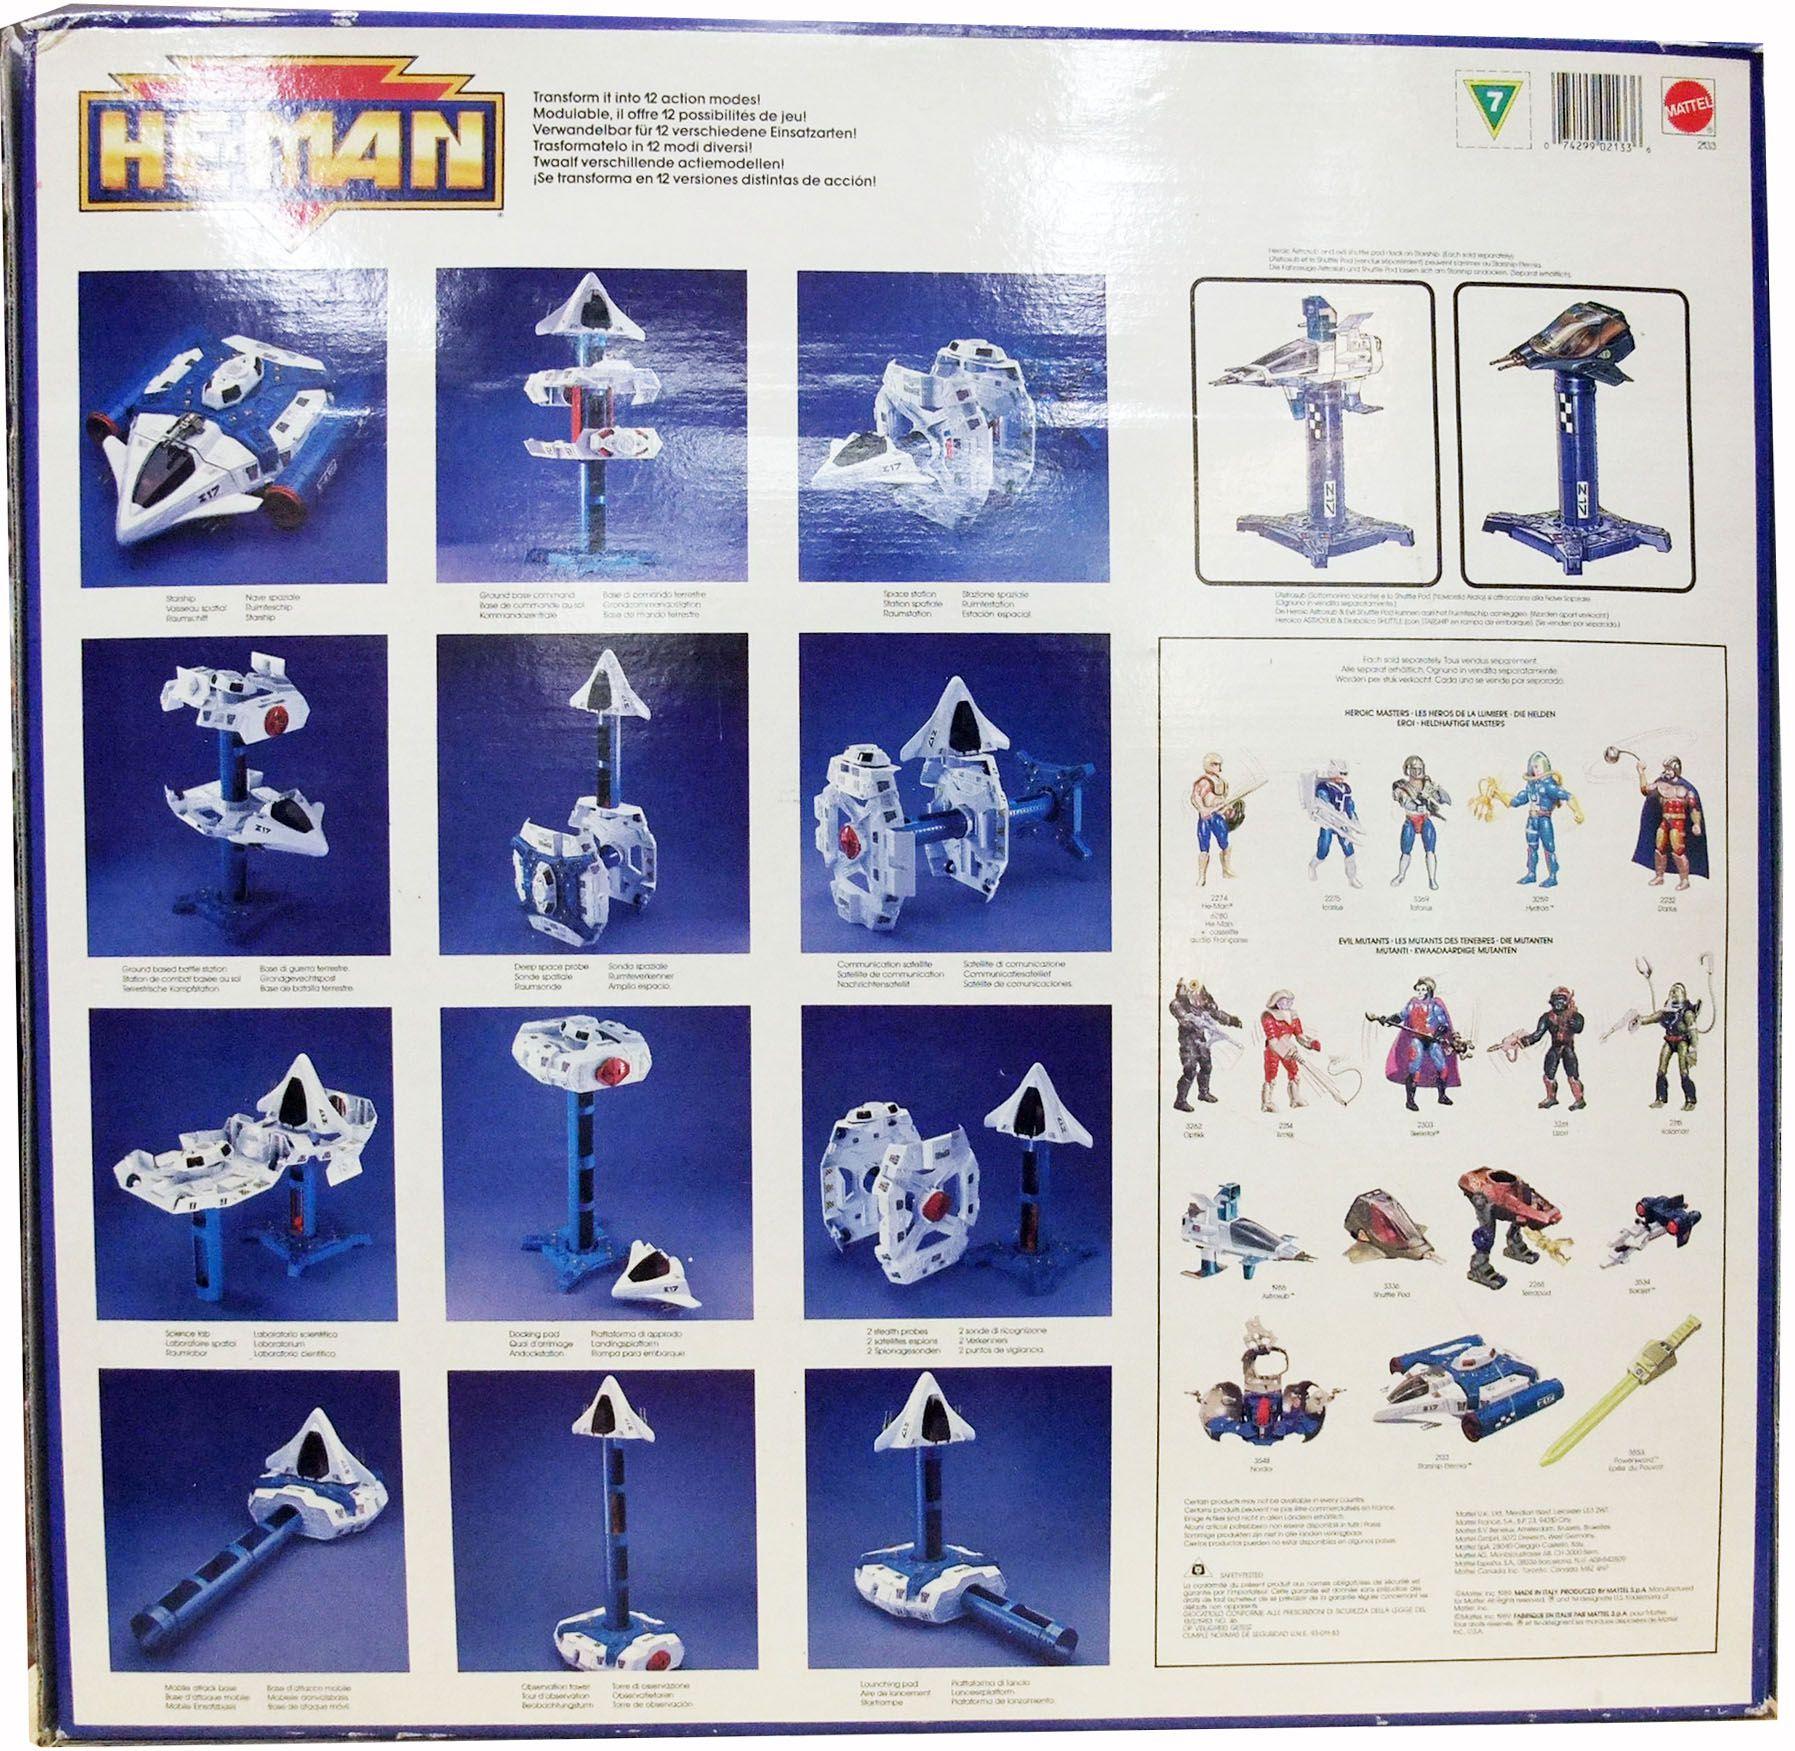 MOTU New Adventures of He-Man - Starship Eternia (Europe box)